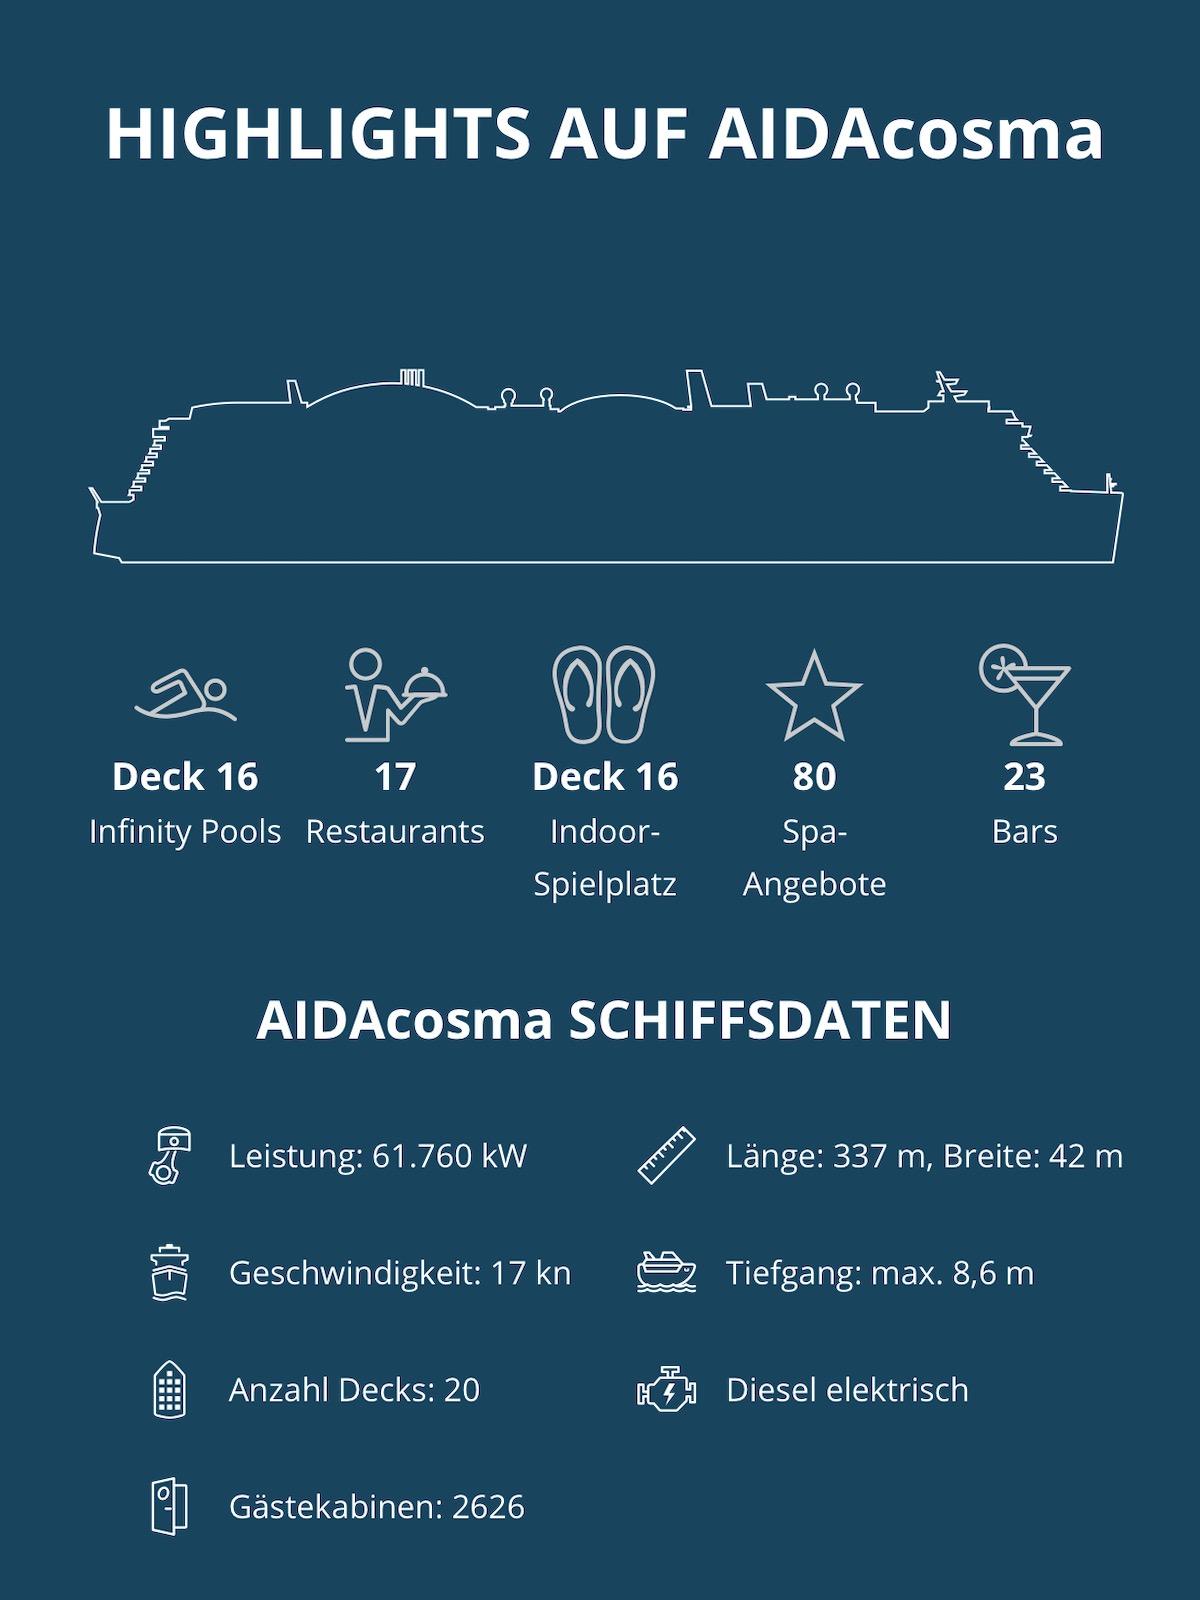 aida-cruises-ships-aidacosma-daten-mobil